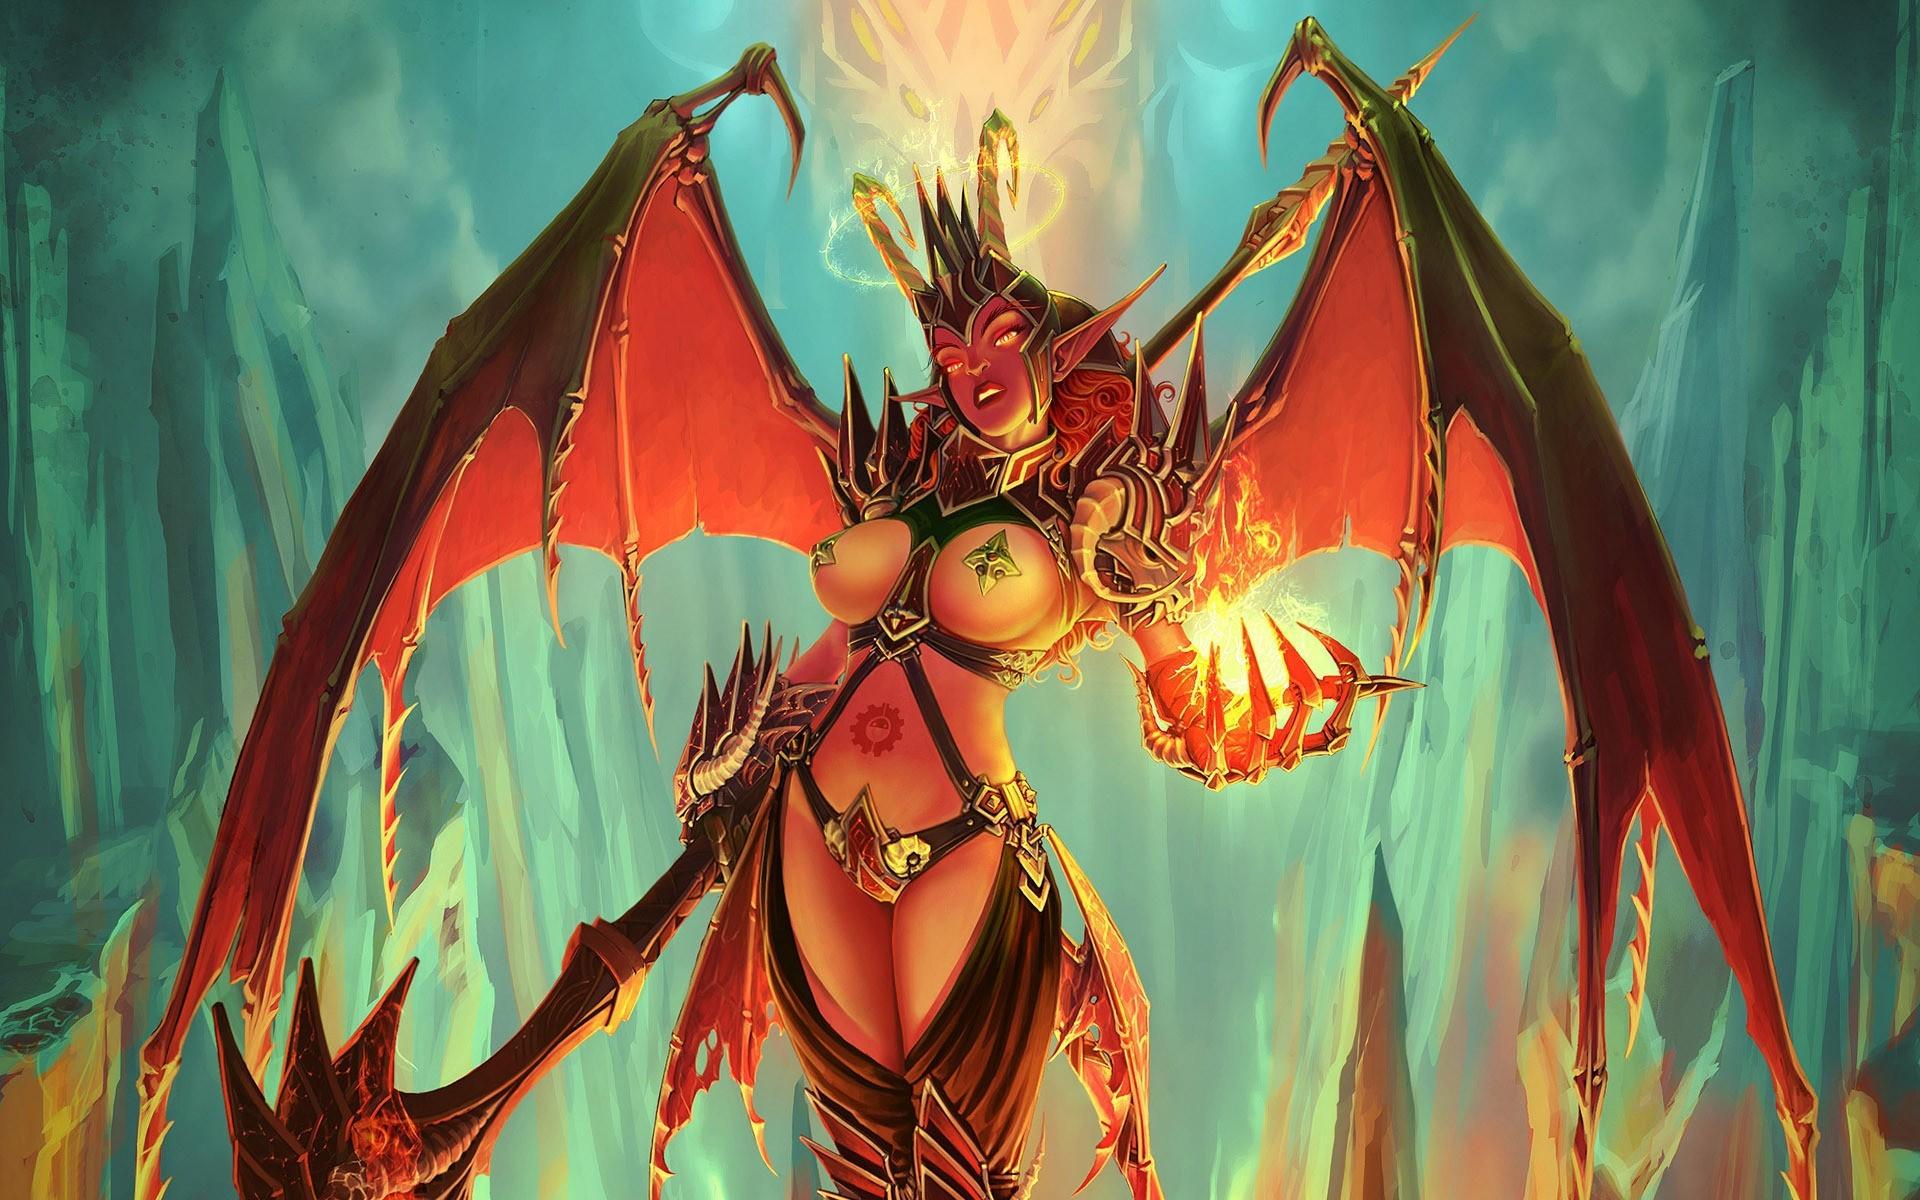 Female Demon Wallpaper